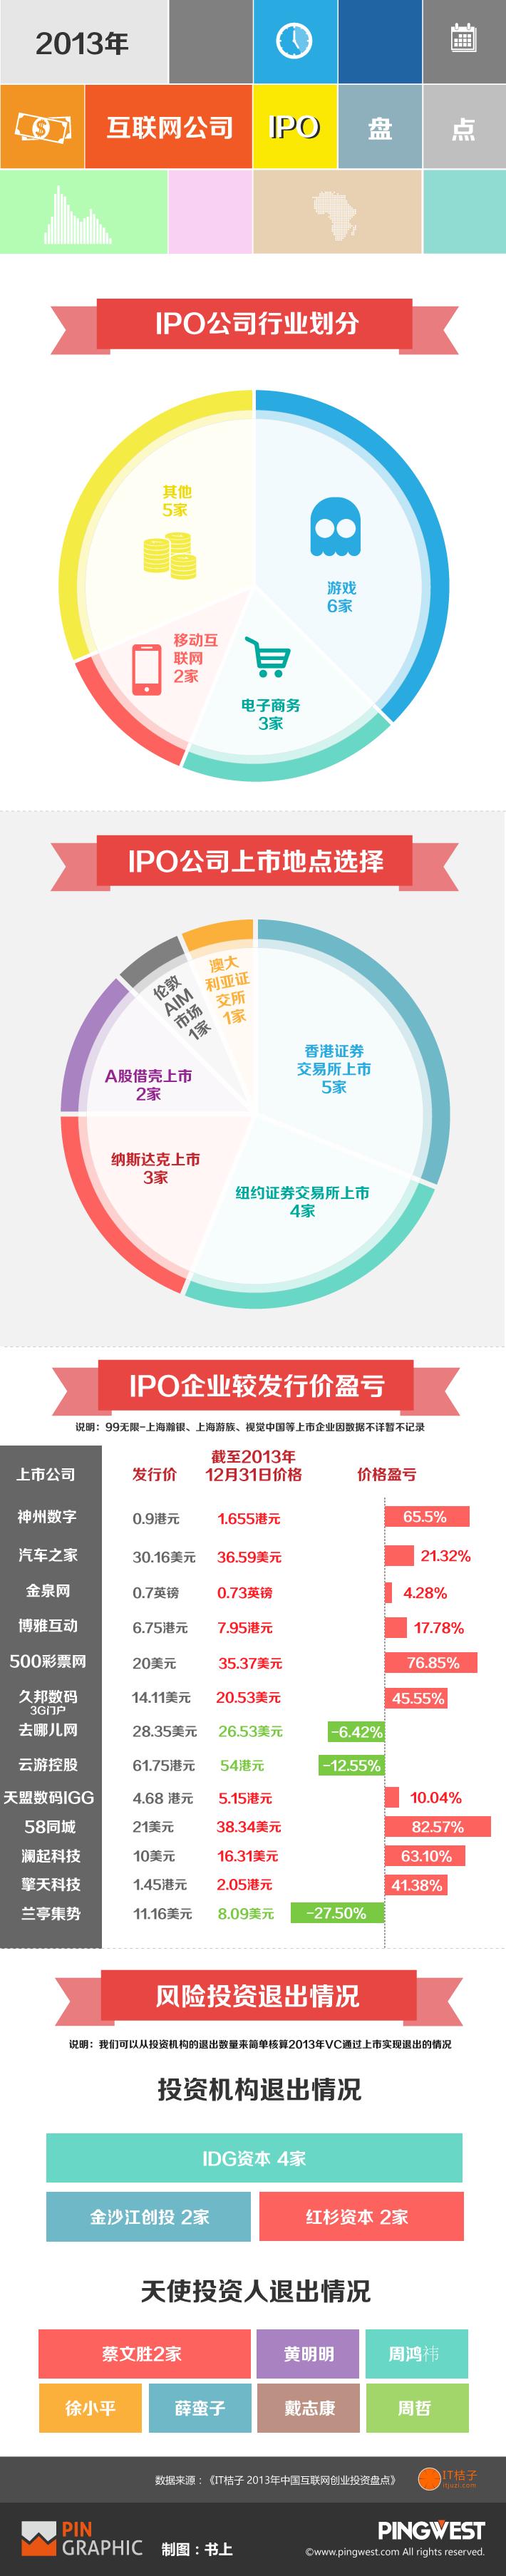 IPO_company-01